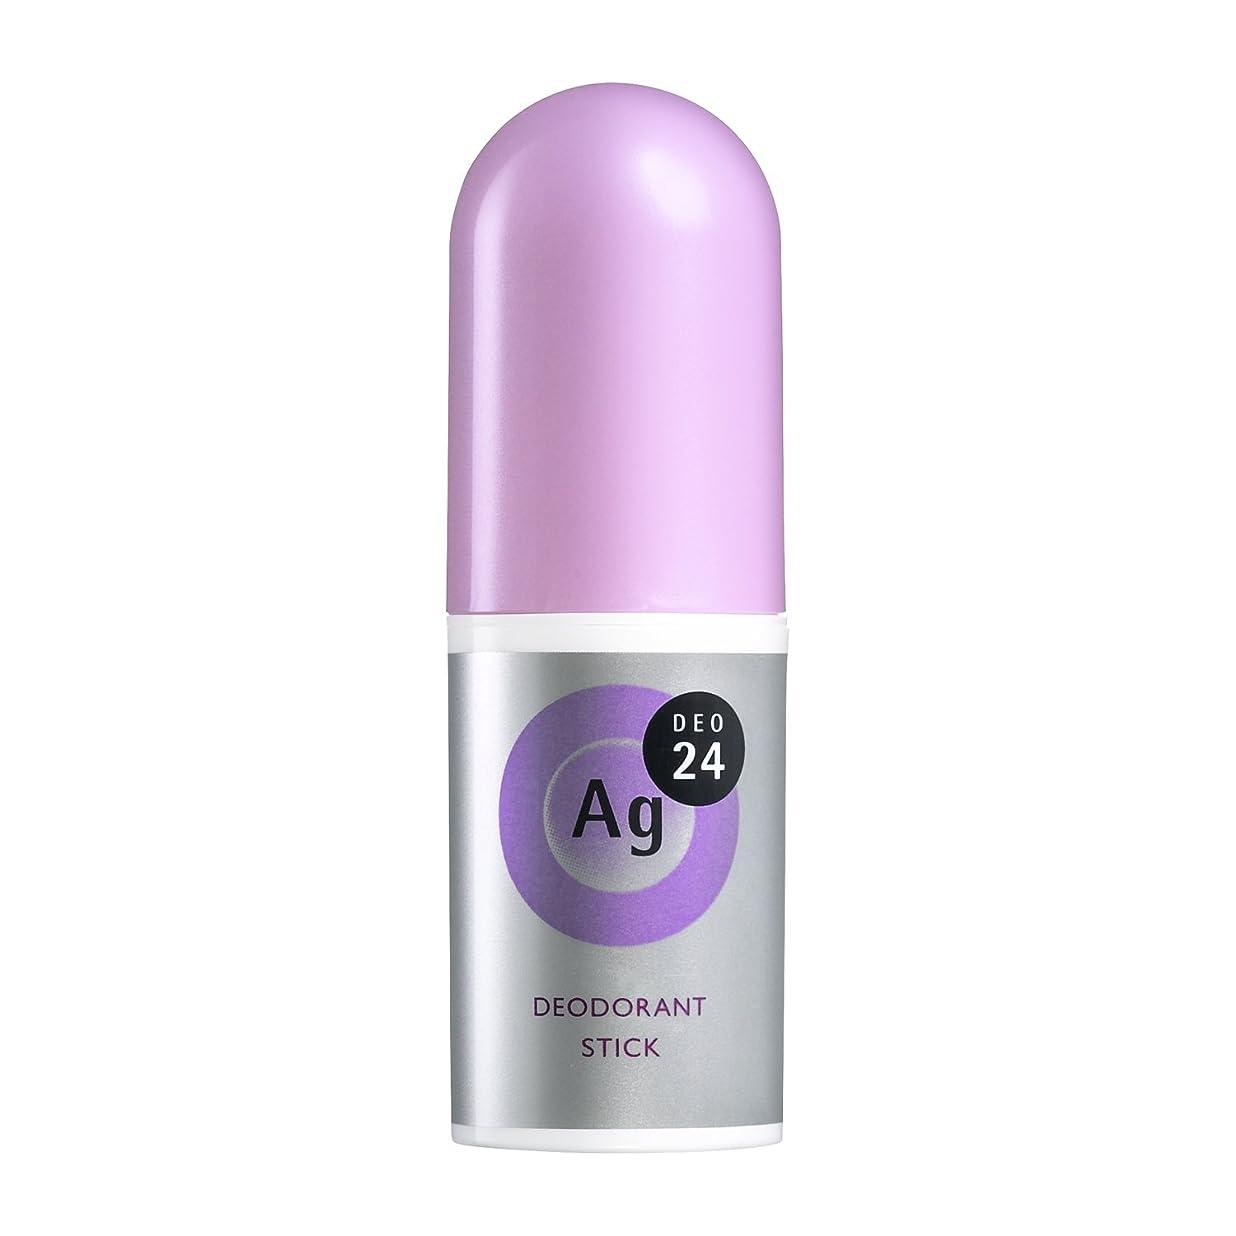 結果告発者宅配便エージーデオ24 デオドラントスティックEX フレッシュサボンの香り 20g (医薬部外品)